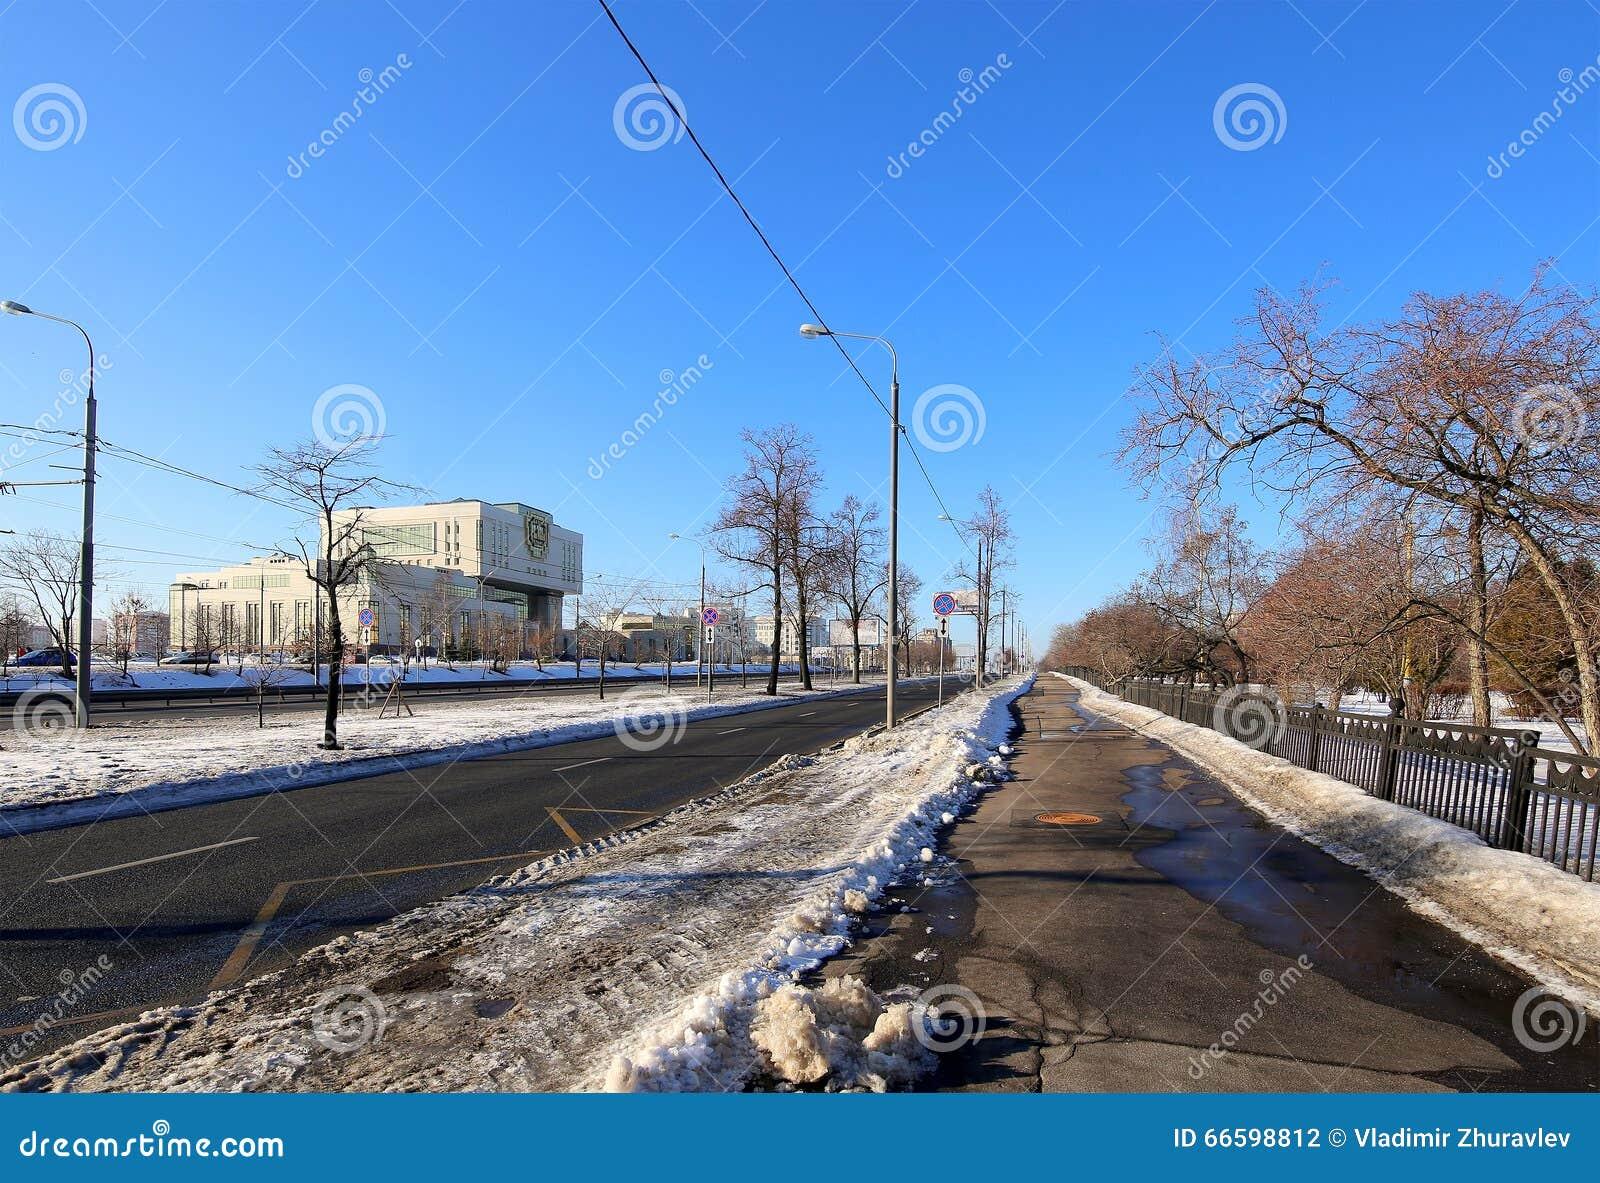 Centro intelectual-- Biblioteca fundamental en la universidad de estado de Lomonosov Moscú (se escribe en ruso), Rusia